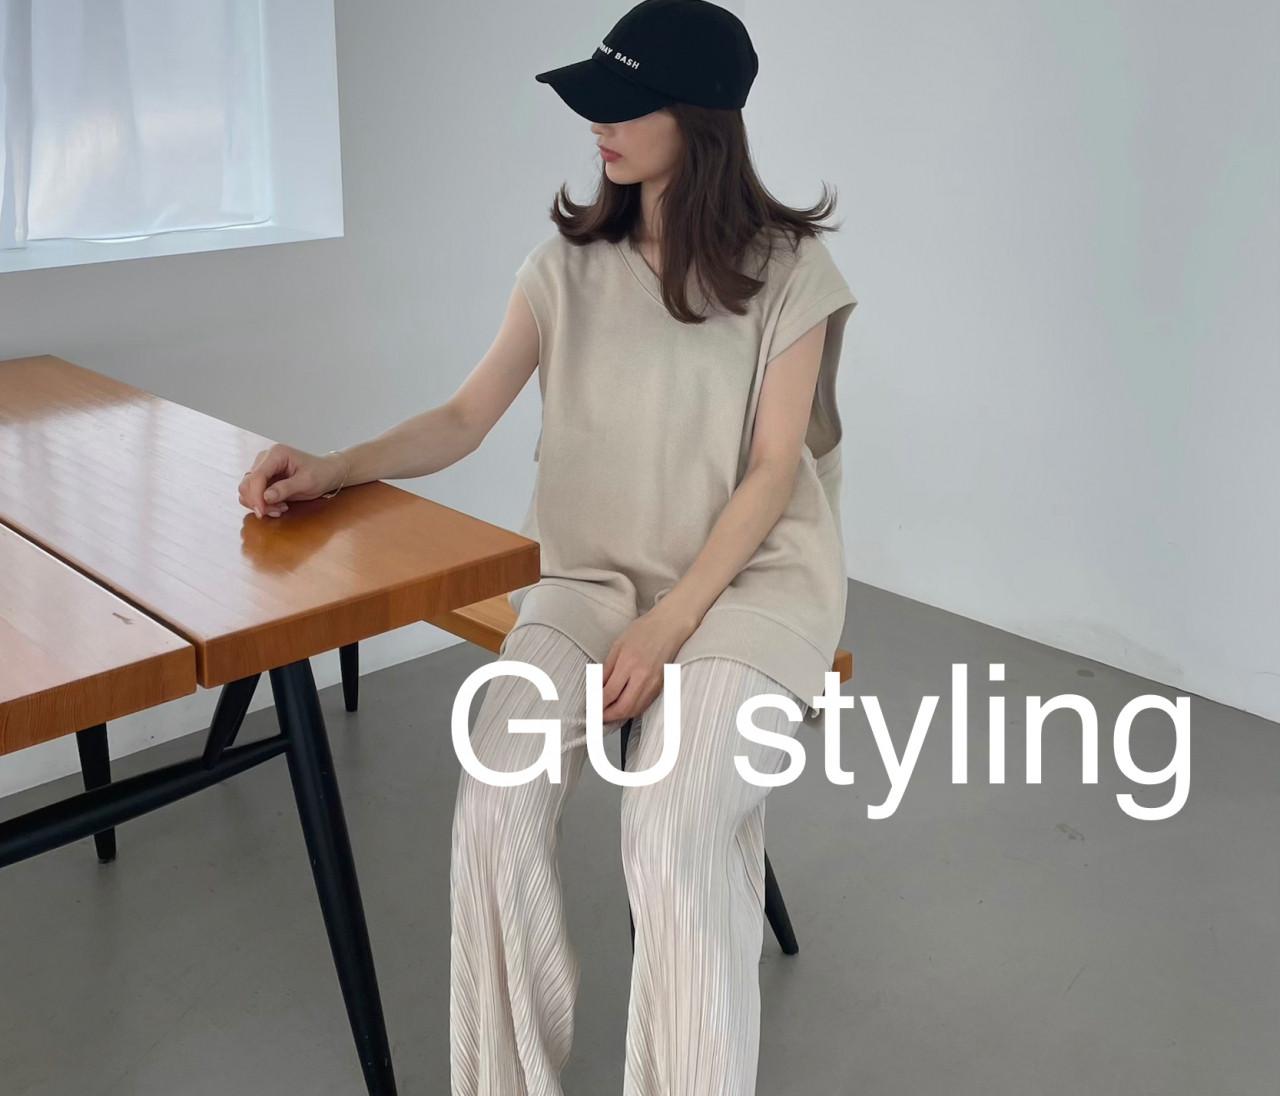 【GU】簡単セットアップ風!手抜きに見えない大人ゆるコーデ♪